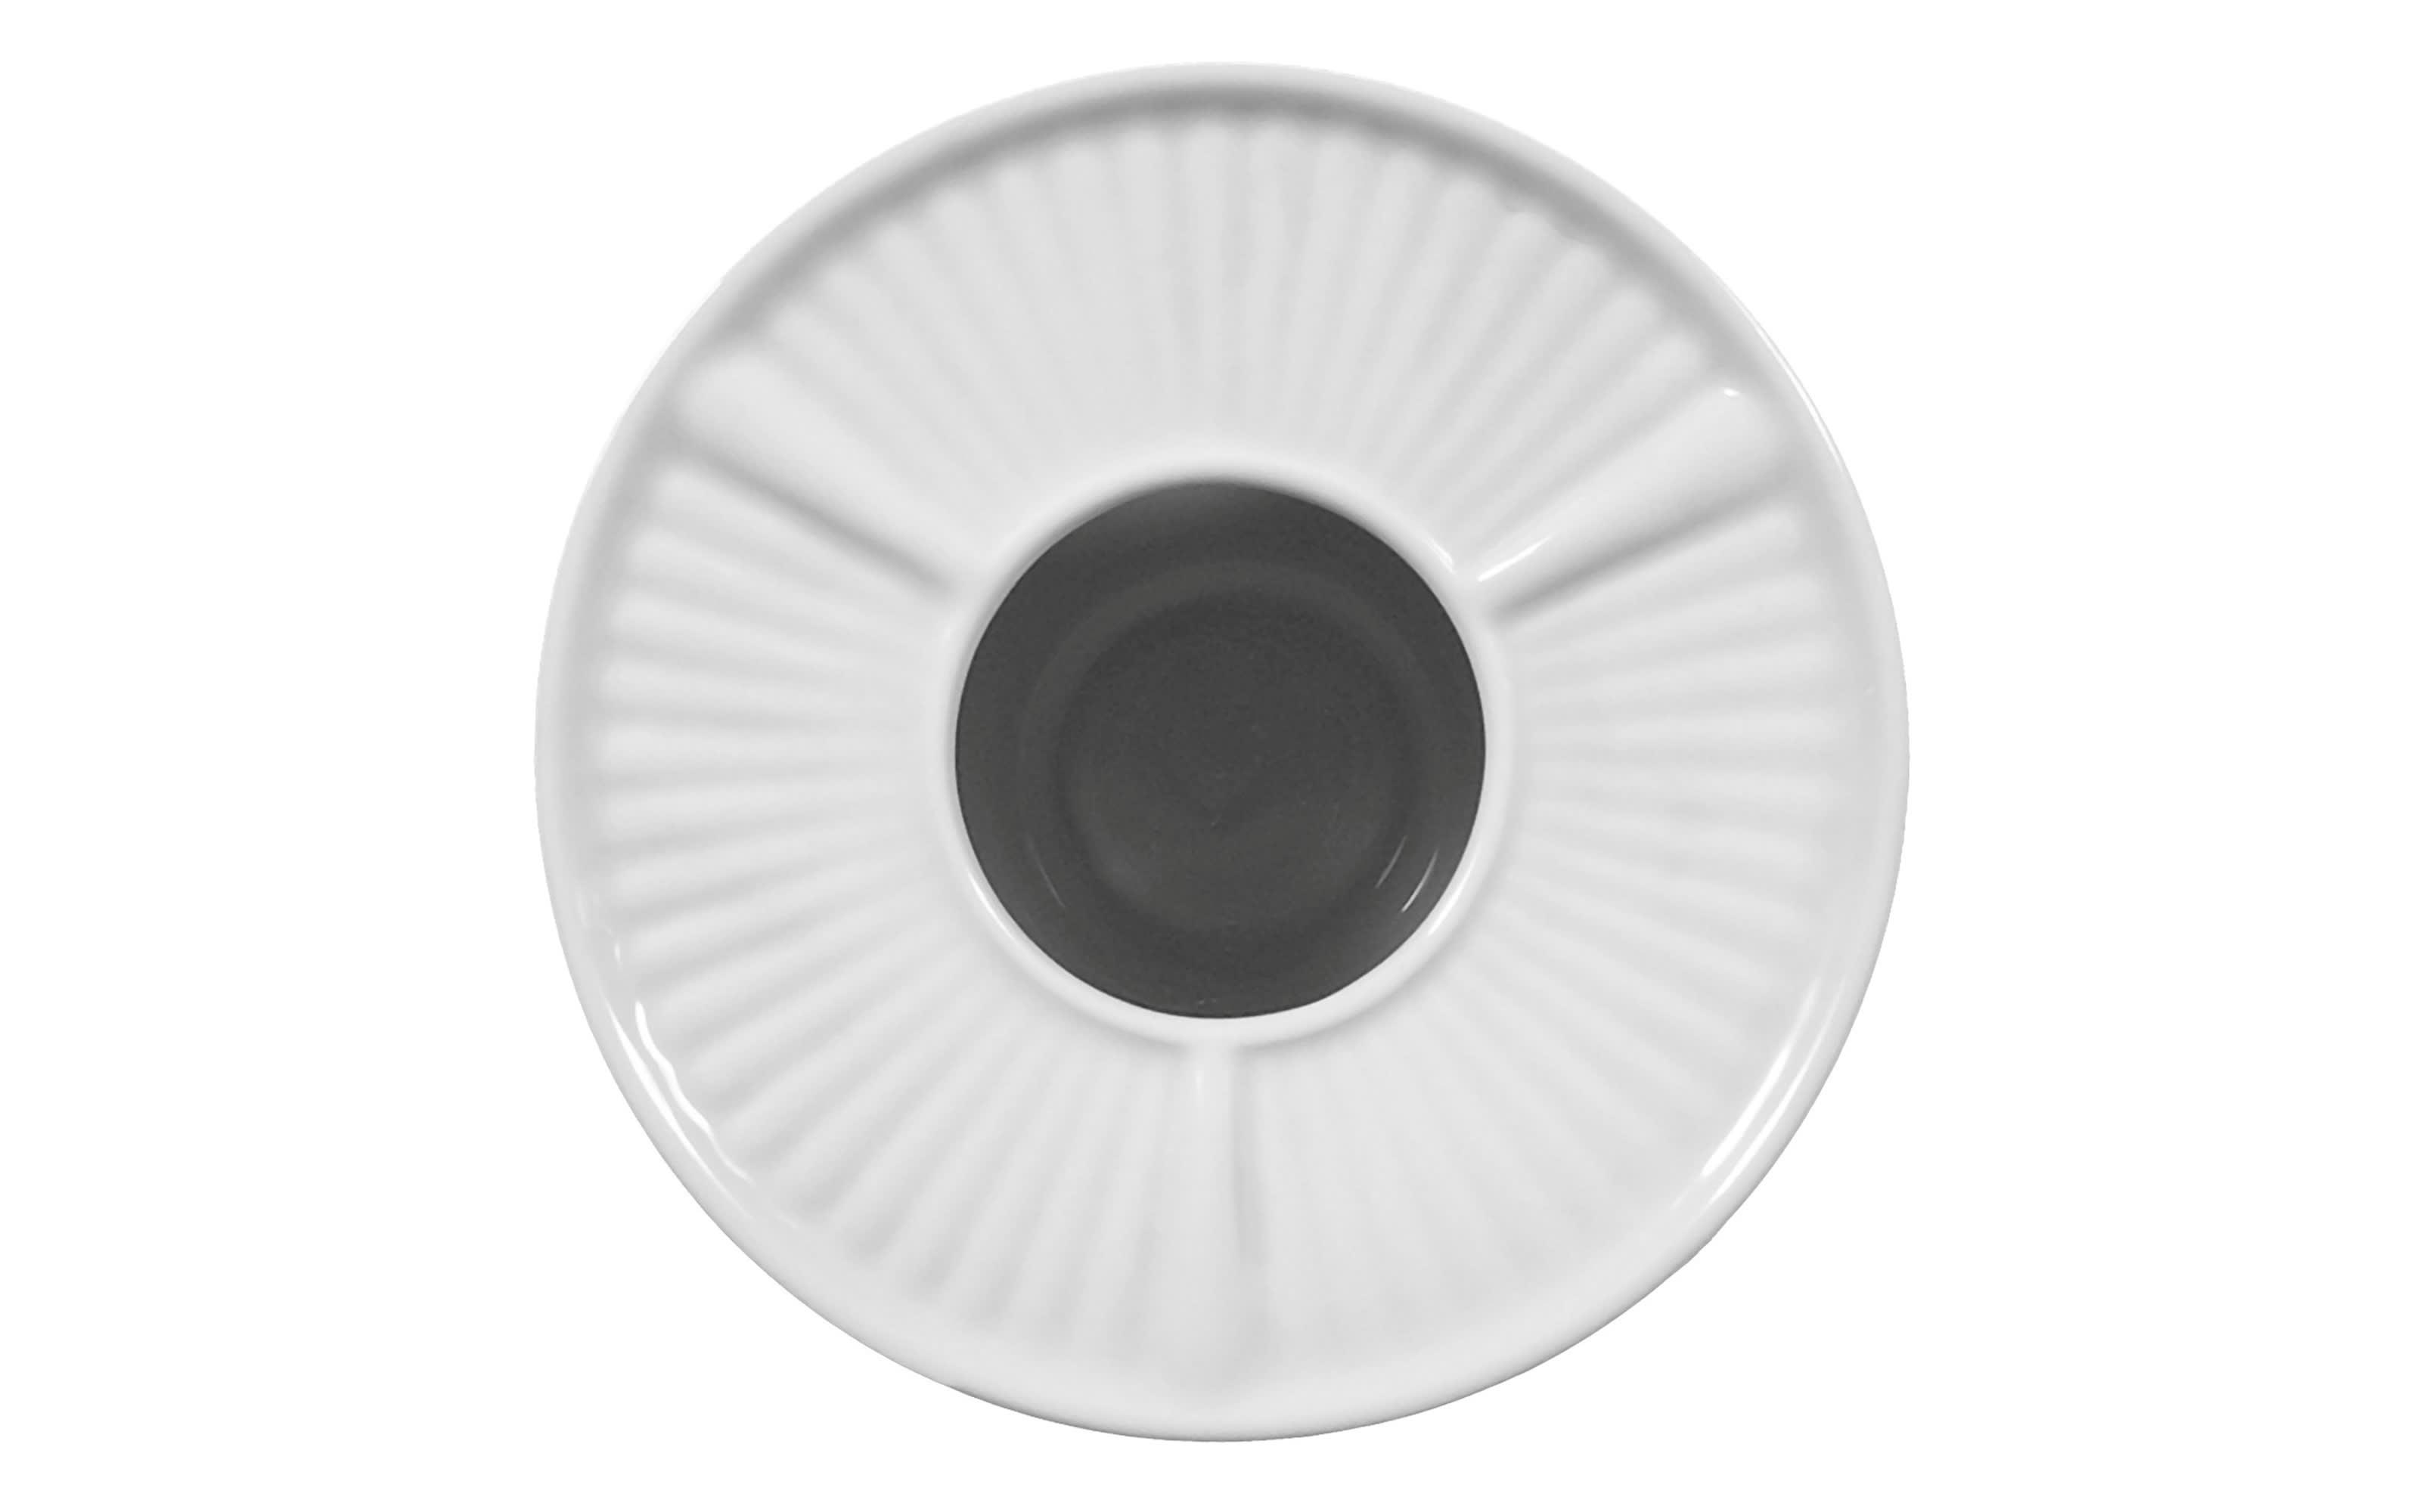 Stövchen Rondo Liane in weiß